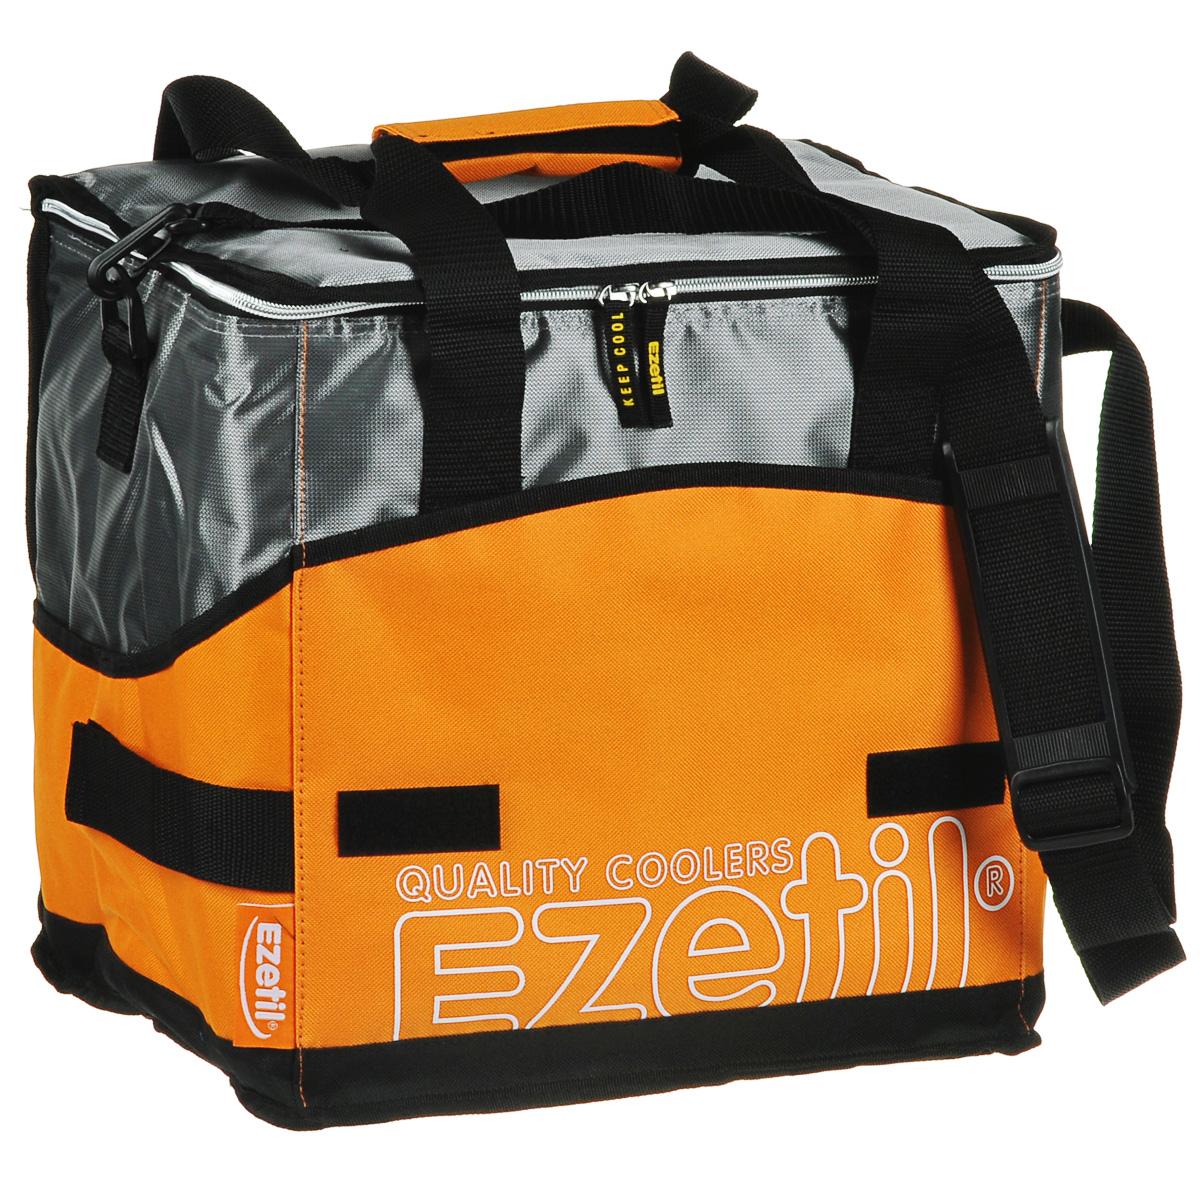 Сумка-холодильник Ezetil KC Extreme, цвет: оранжевый, 28 л726883Сумка-холодильник Ezetil KC Extreme предназначена для транспортировки и хранения продуктов и напитков. Сумка изготовлена из высококачественного полиэстера, внутренняя поверхность отделана специальным термоизоляционным материалом PEVA толщиной 8 мм, безопасным для контакта с пищевыми продуктами. Внешняя светоотражающая ткань является дополнительным барьером, обеспечивающим надежное удержание холода внутри. Изделие произведено с использованием экологически безопасных и гигиеничных материалов, как внутри, так и снаружи, не содержащих в себе поливинилхлорид. 100% герметичность изотермической сумки обеспечивается современной технологией горячей спайки внутренних швов. Многослойная изоляция обеспечивает надежное удержание температуры помещенных в сумку продуктов при ее максимальном заполнении в течение нескольких часов. Сумка фиксируется в сложенном состоянии, имеет съемное дно и практична в уходе. Снаружи имеется 3 кармана на липучках, куда можно положить...